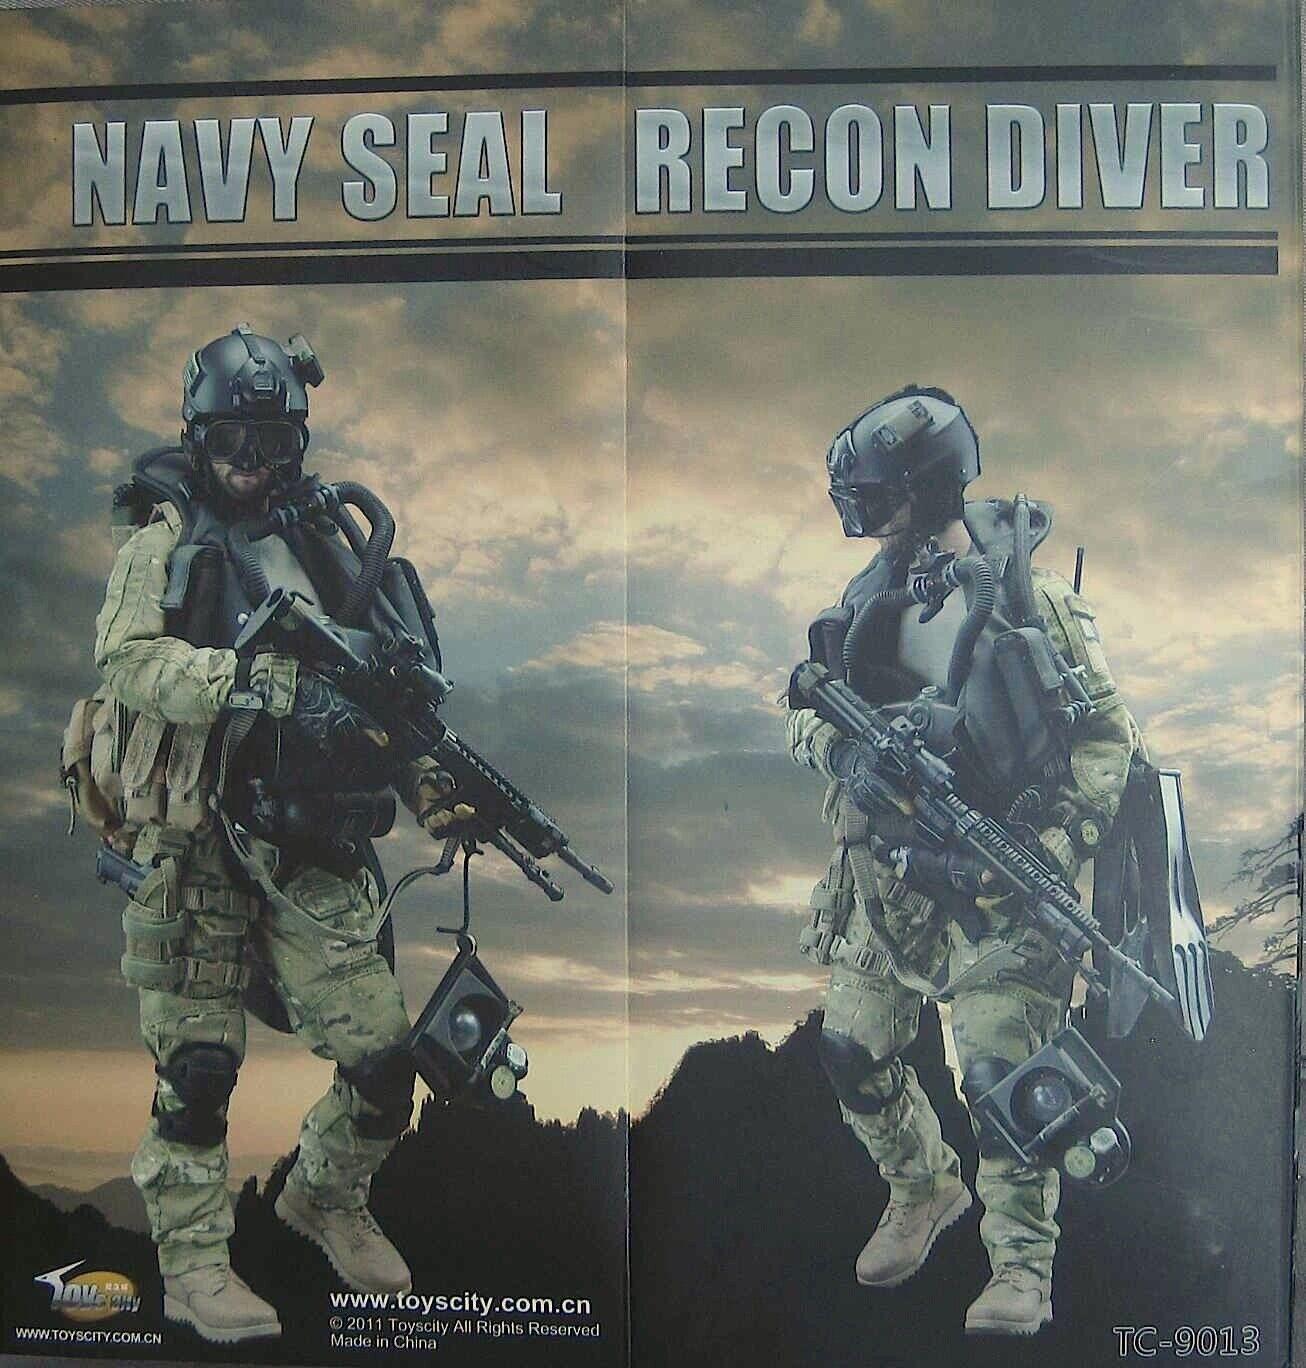 cómodo Juguetes City City City 1 6 Navy SEAL Recon Diver TC-9013   Jean Reno Headsulpt  Descuento del 70% barato